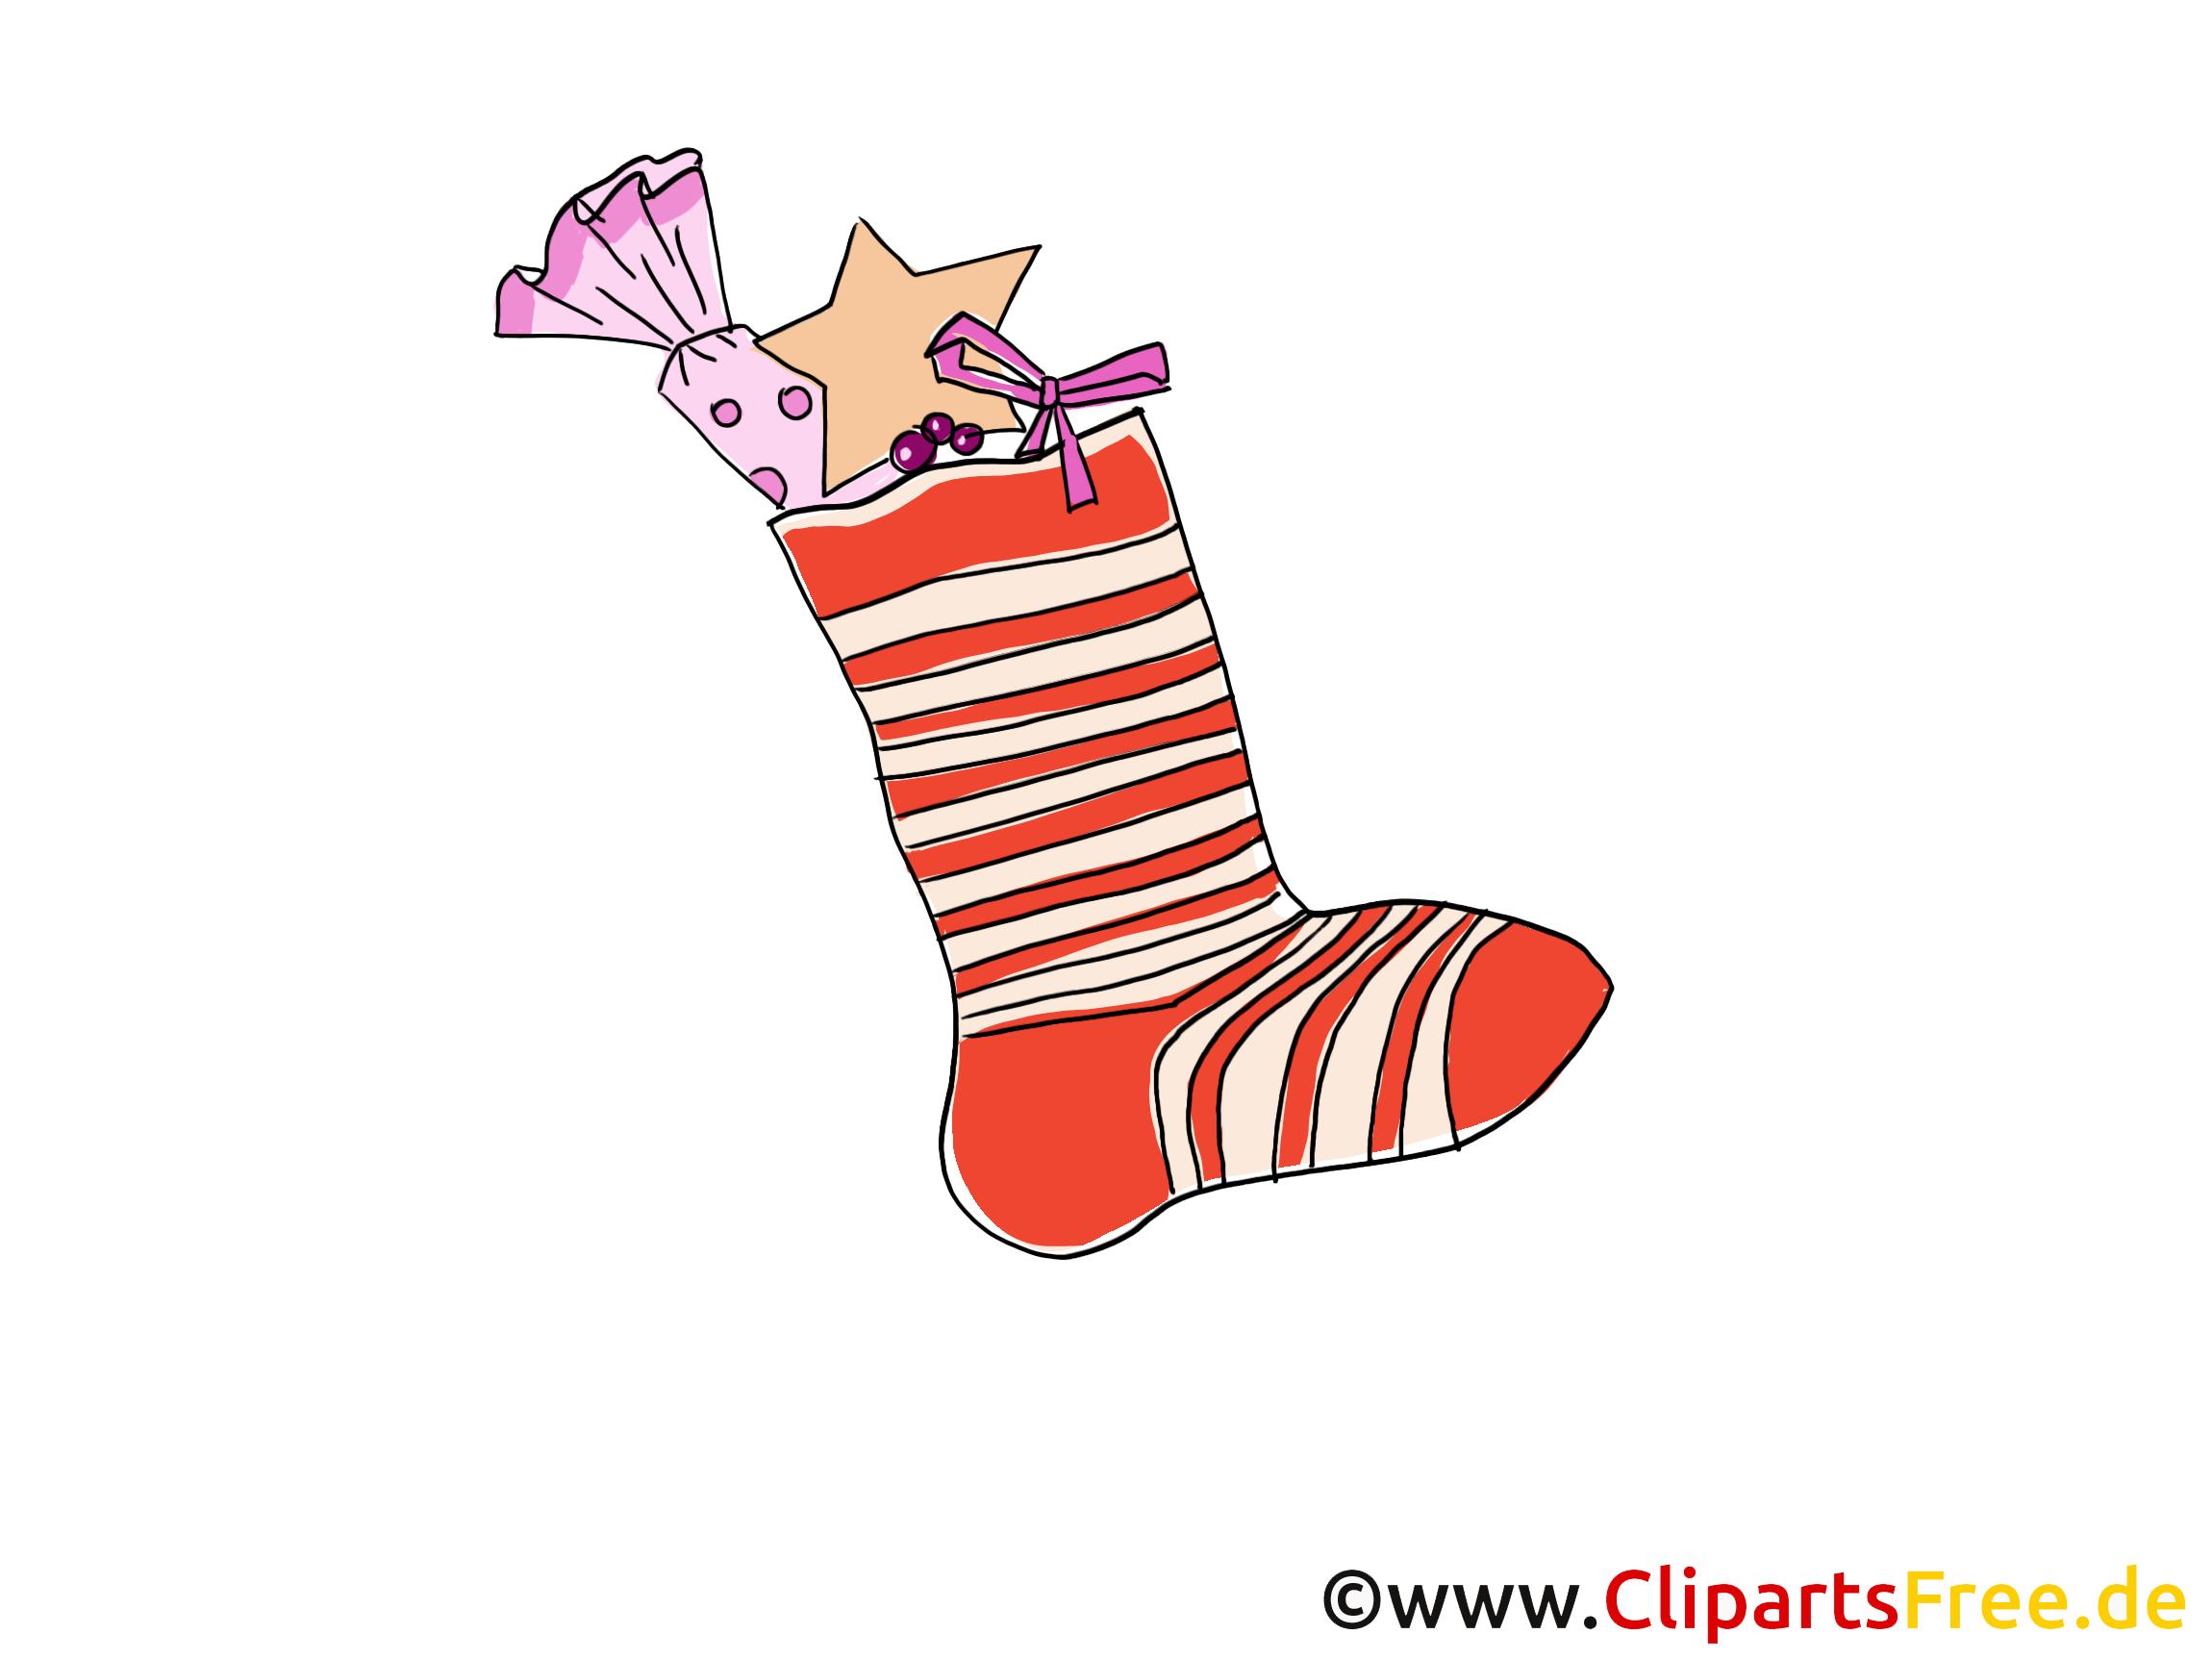 weihnachts socke mit geschenken bild clipart cartoon. Black Bedroom Furniture Sets. Home Design Ideas